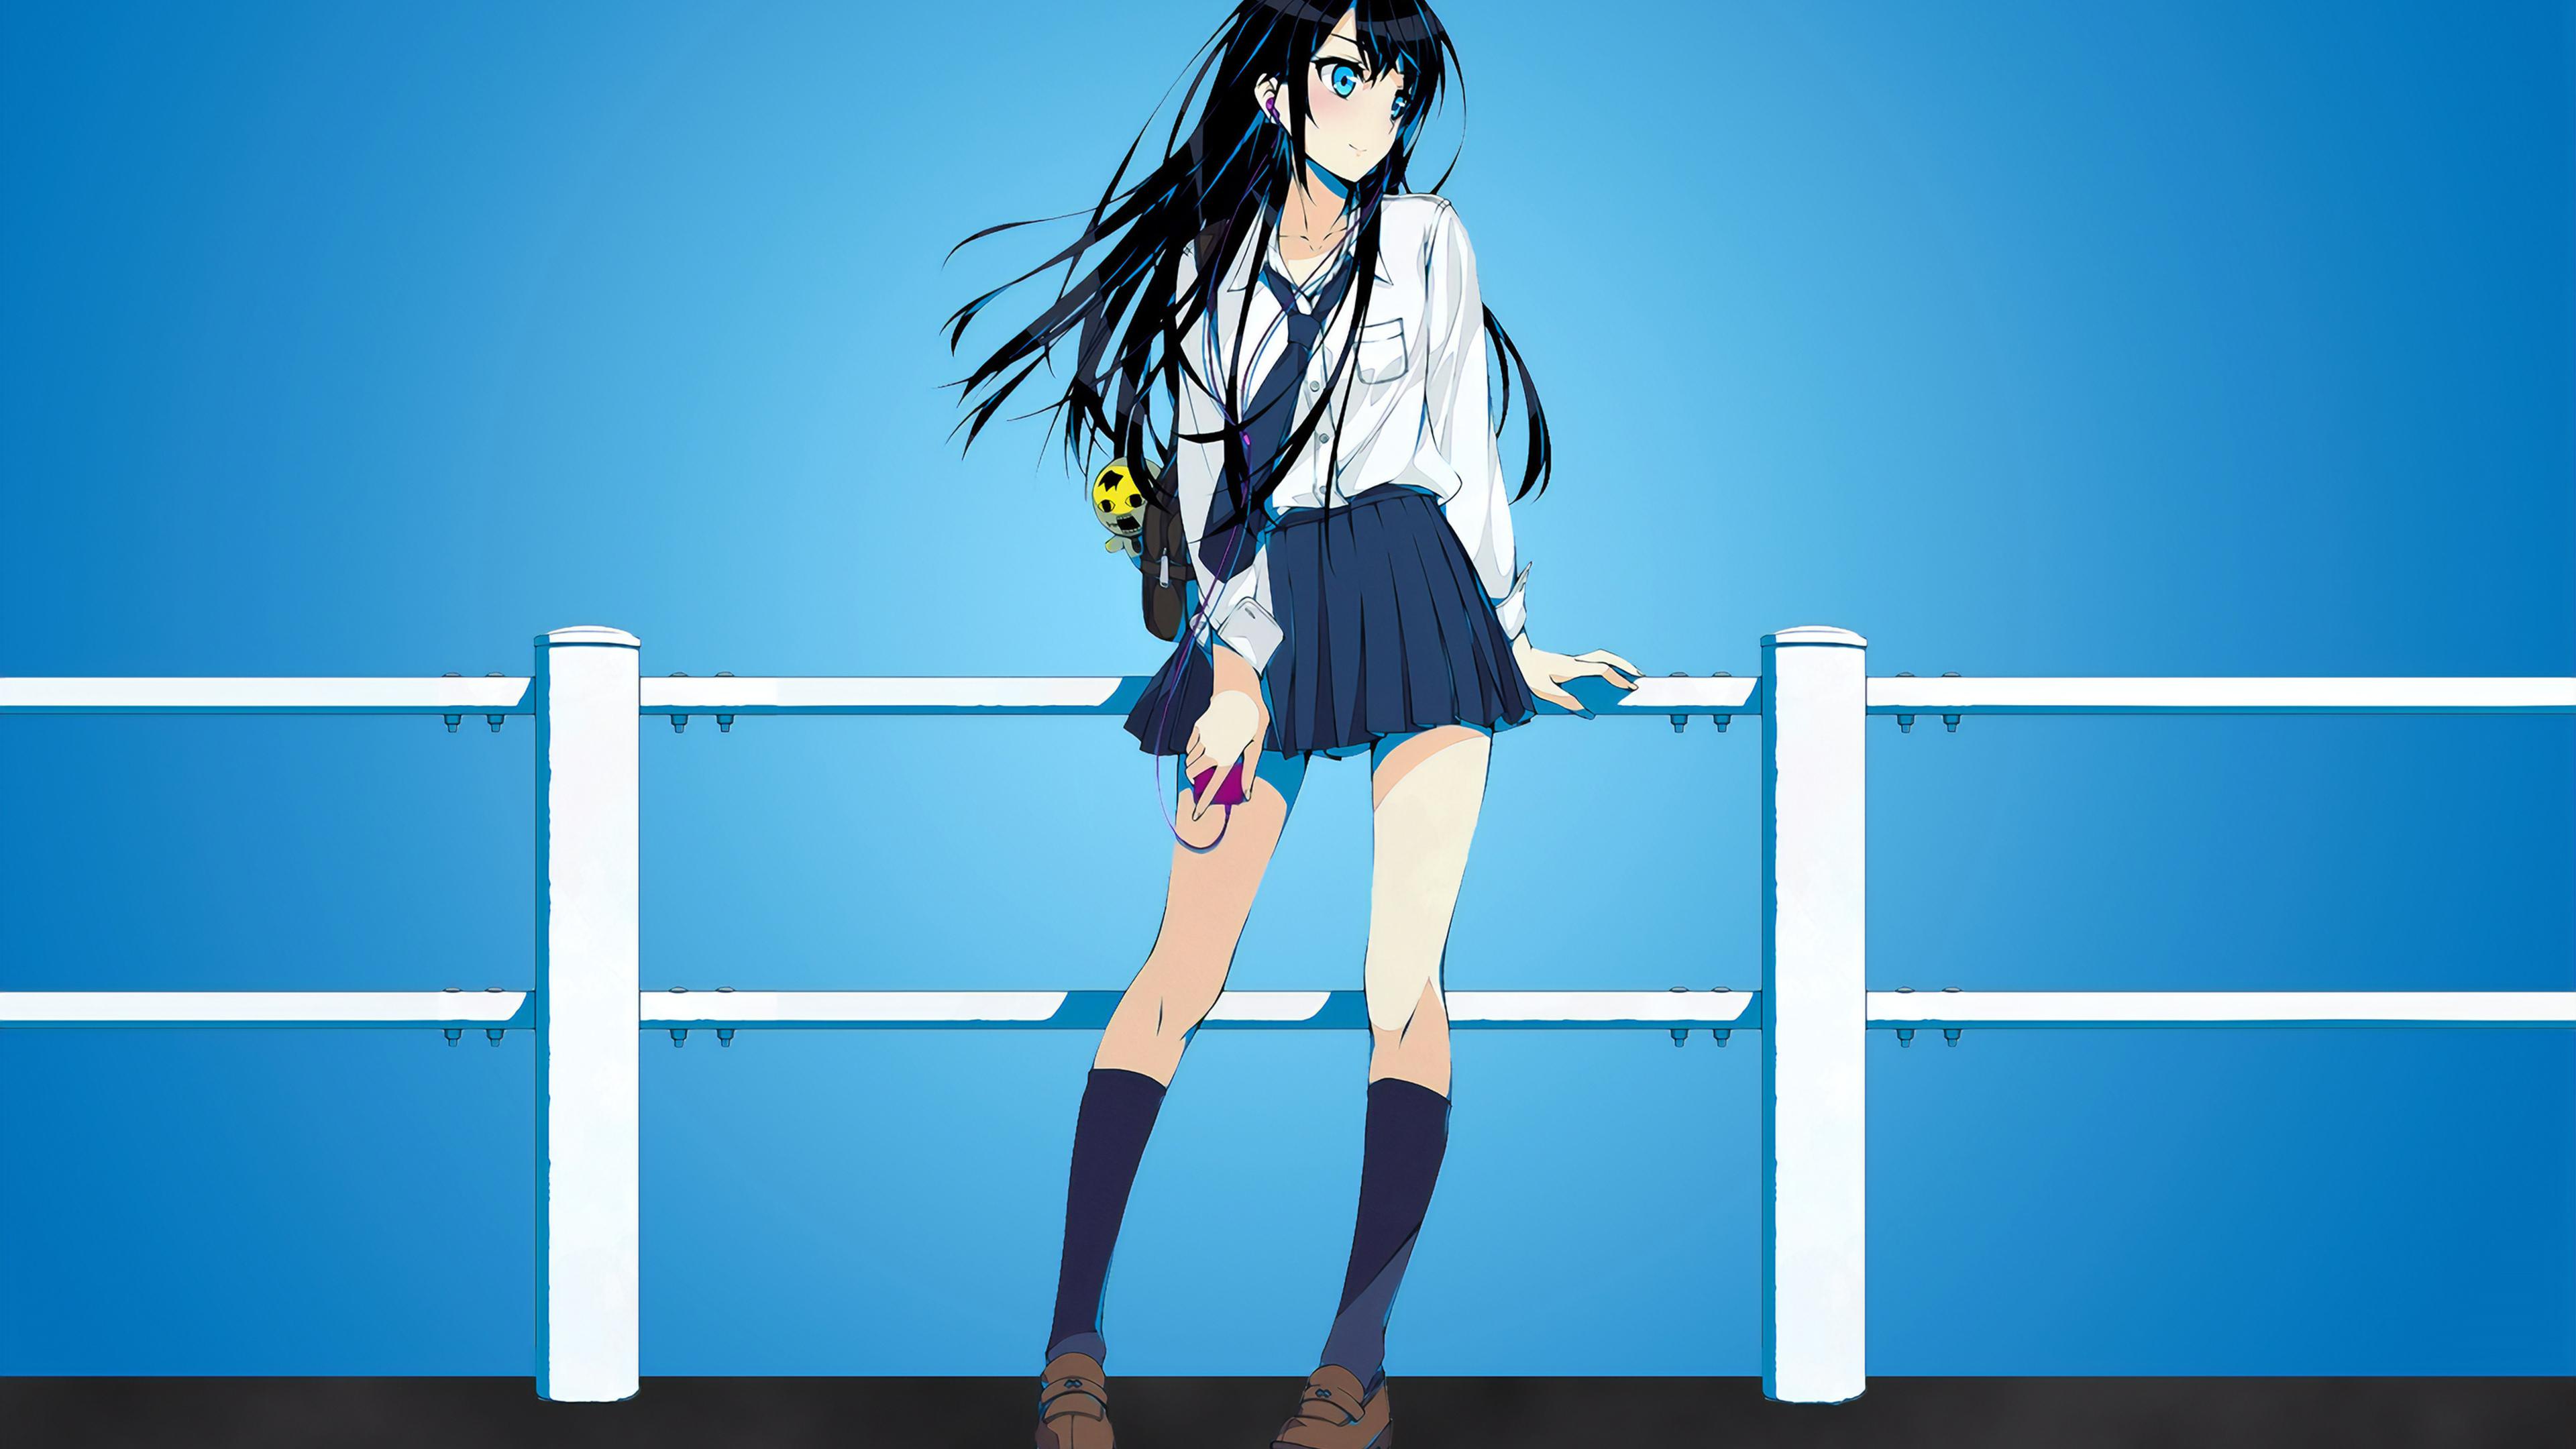 anime-school-girl-digital-art-m9.jpg